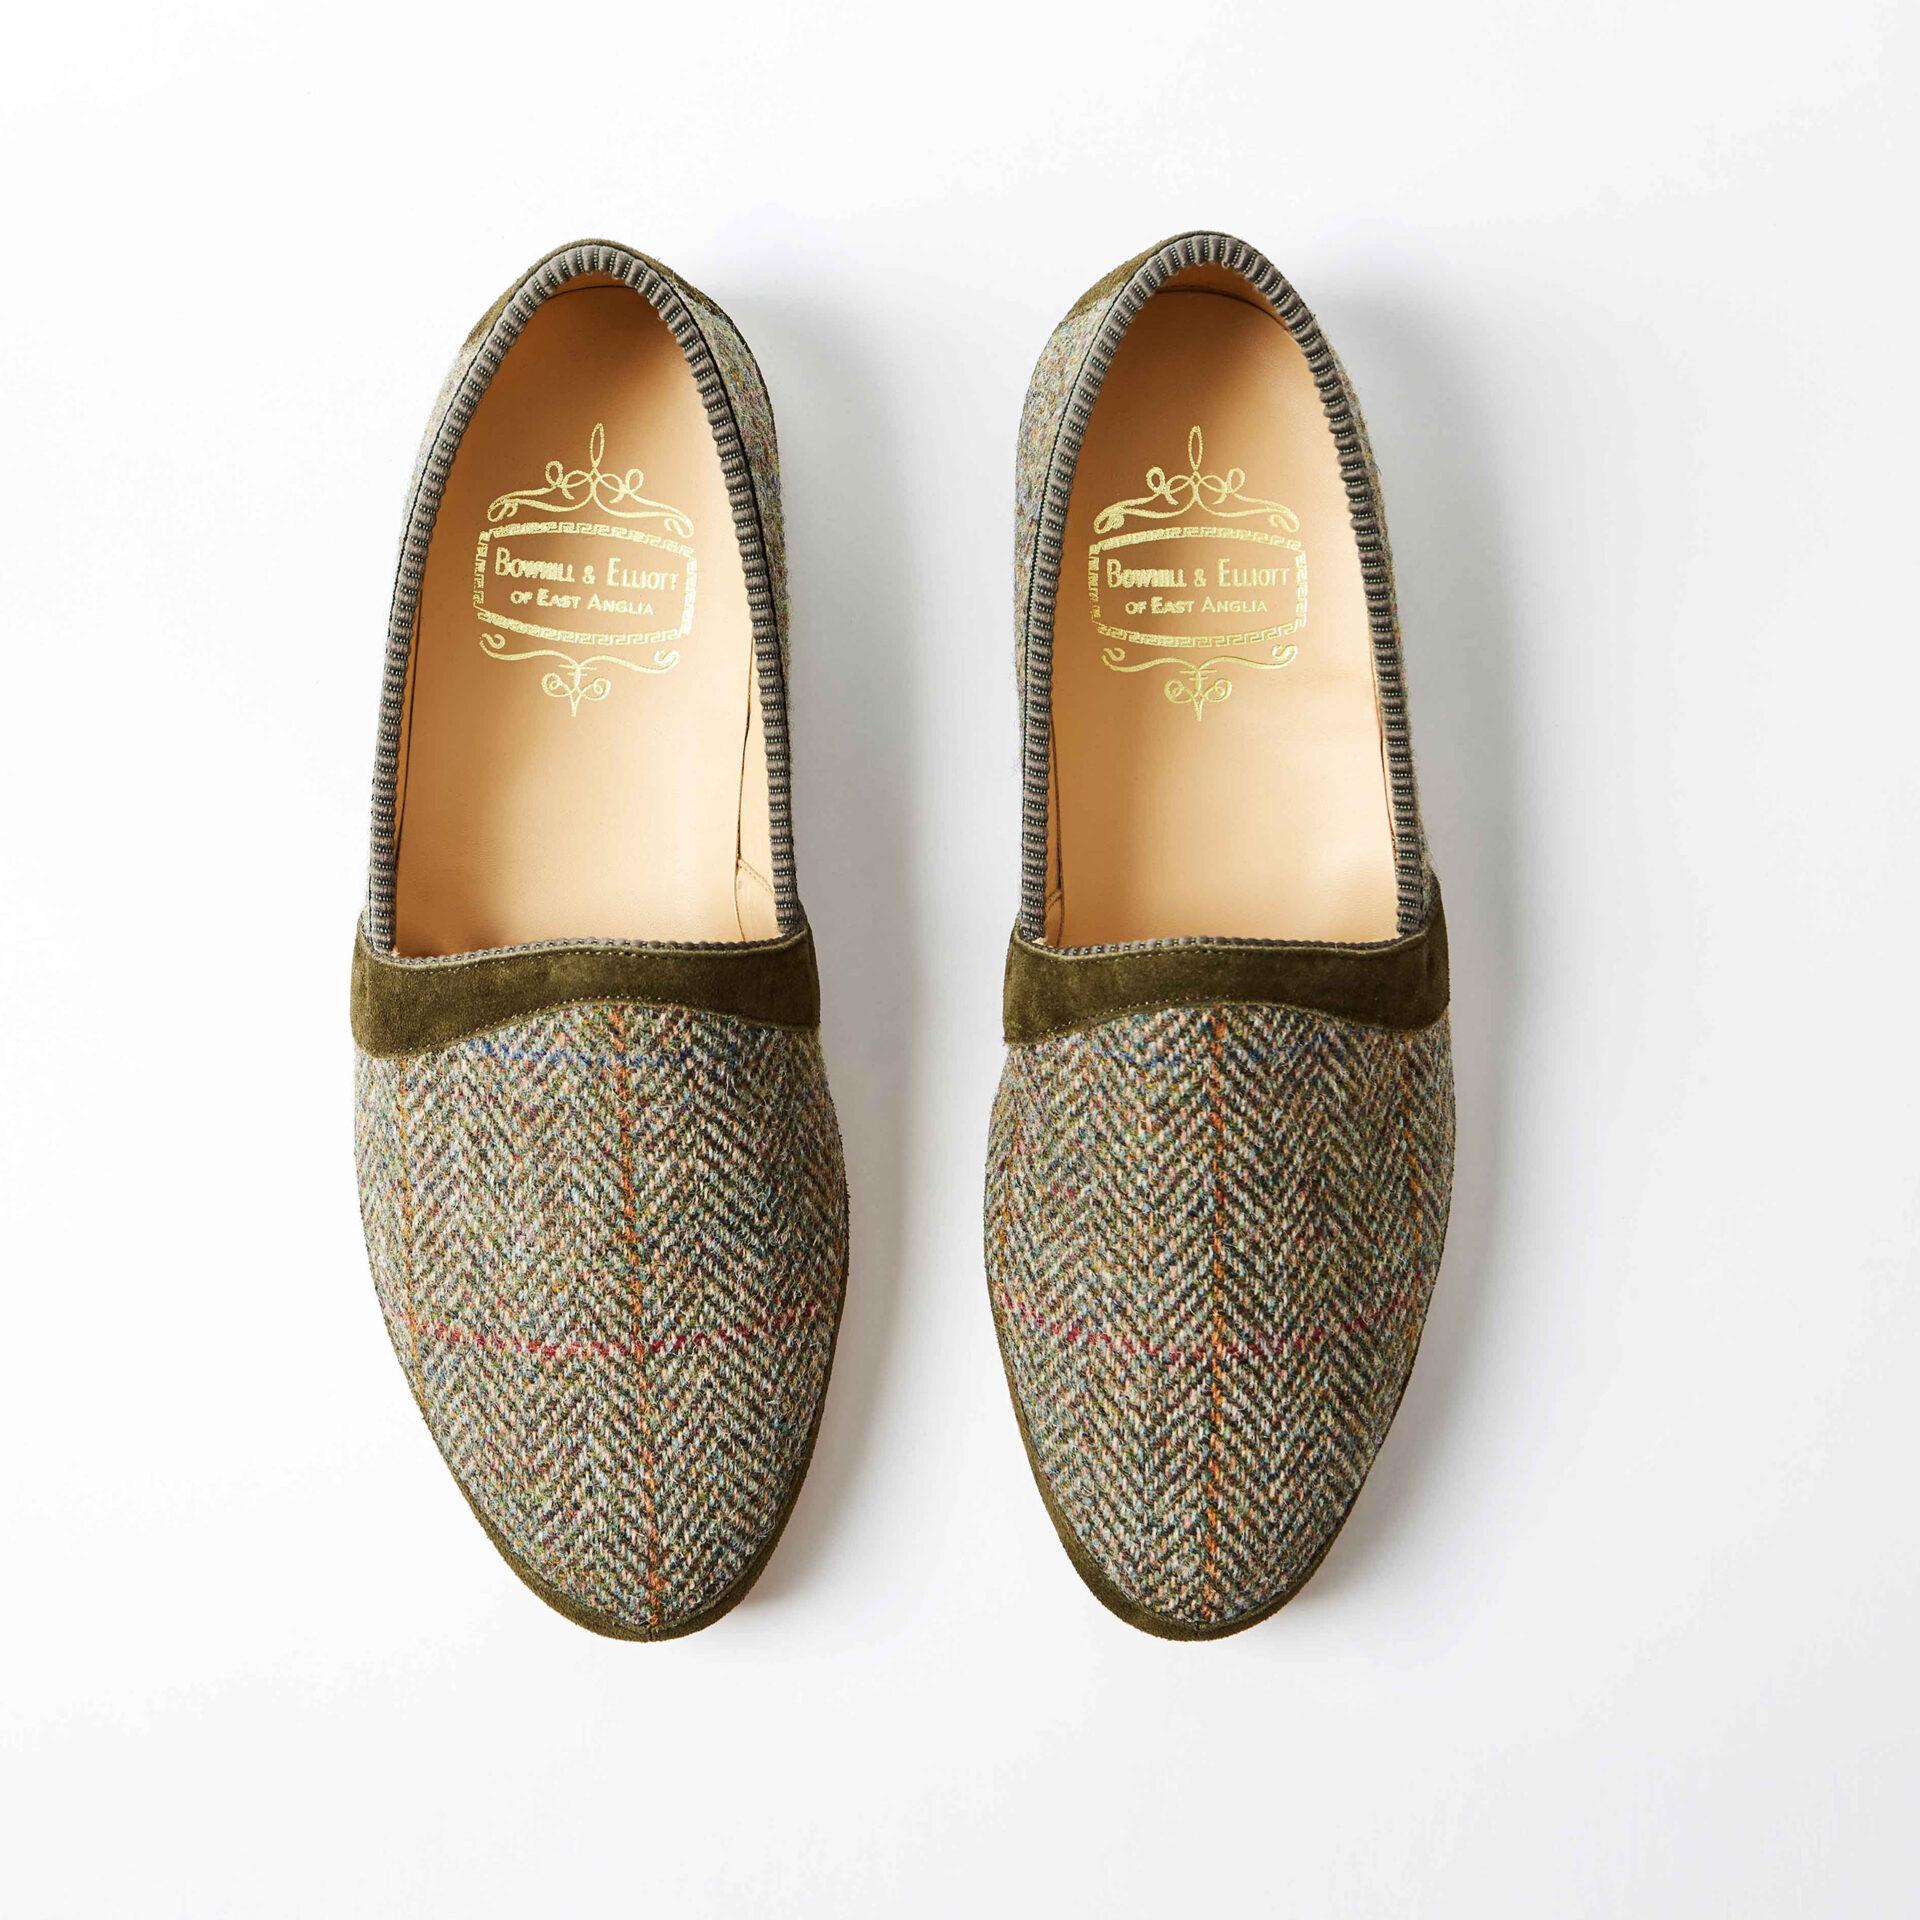 harris tweed slippers 4